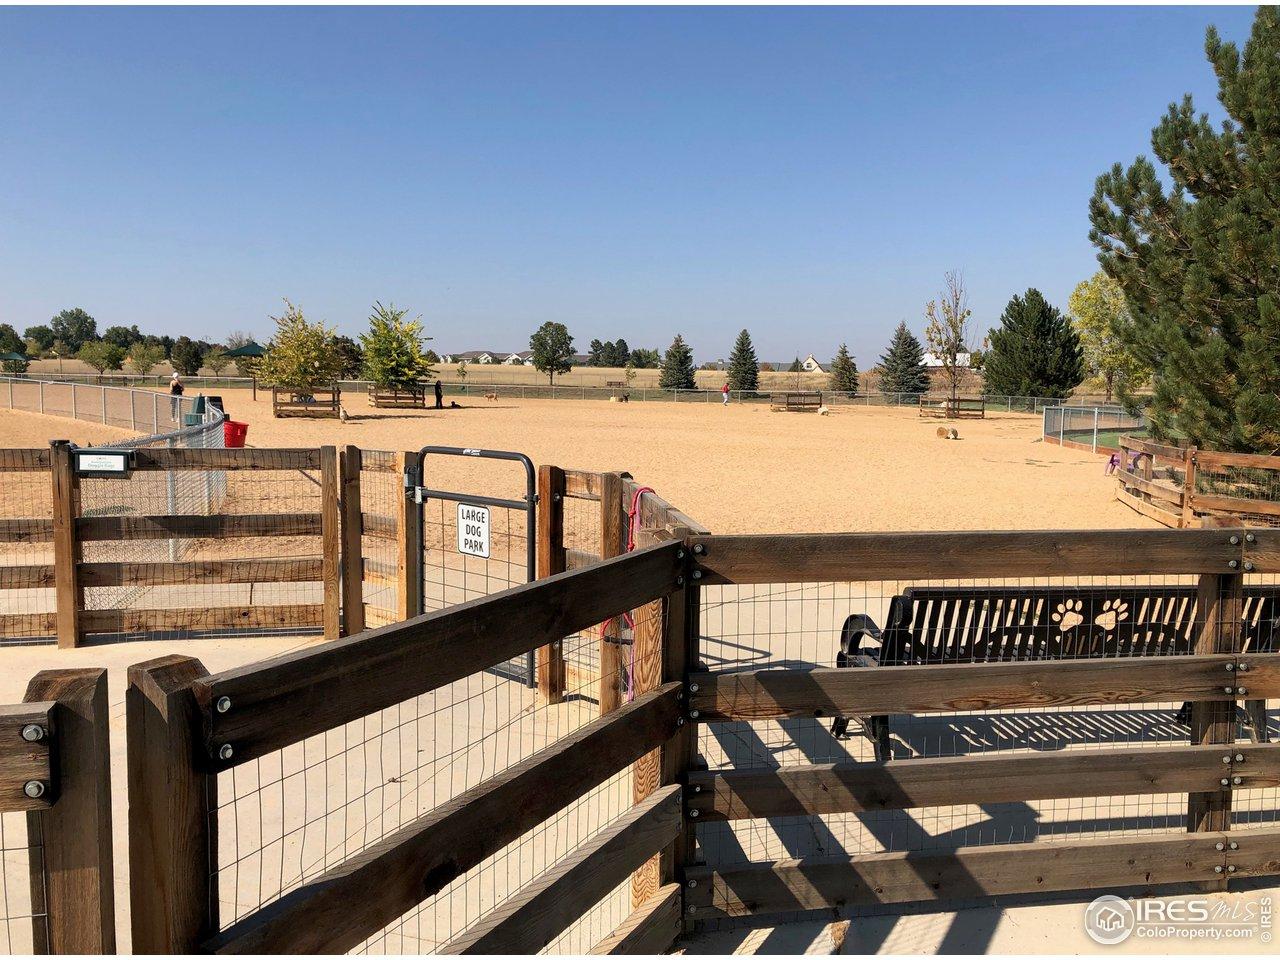 Large dog park